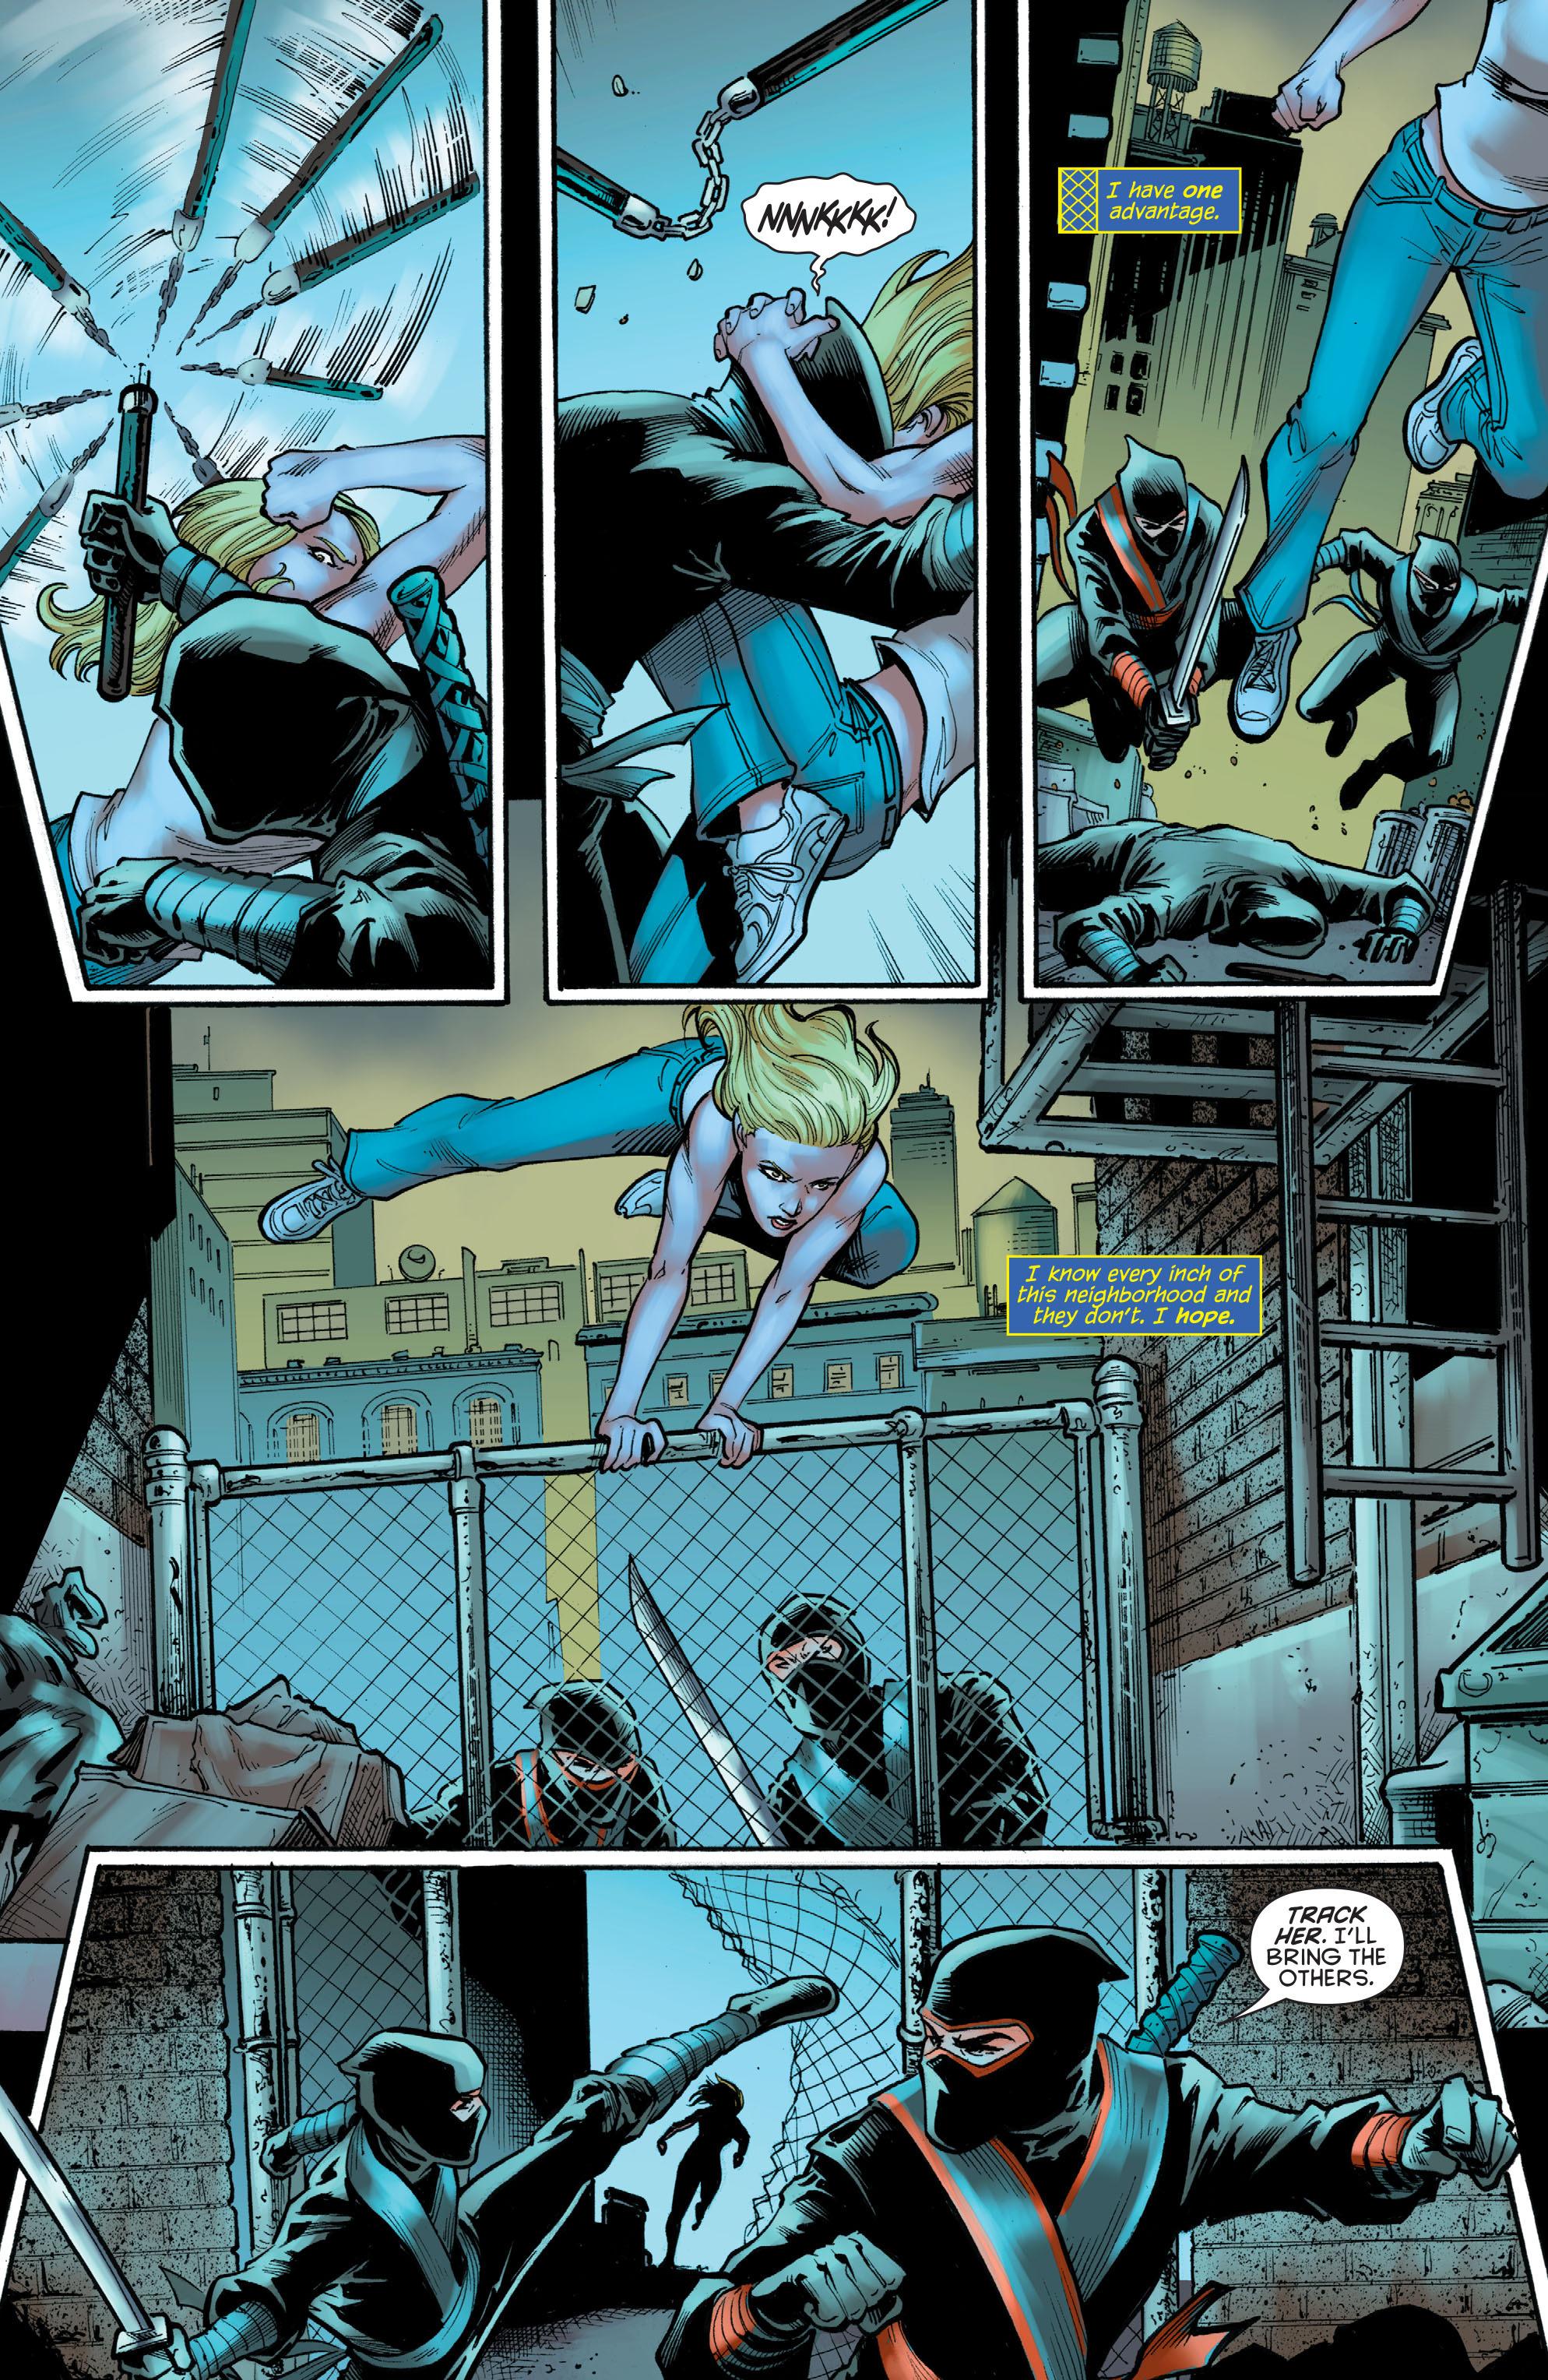 DC Comics: Zero Year chap tpb pic 191